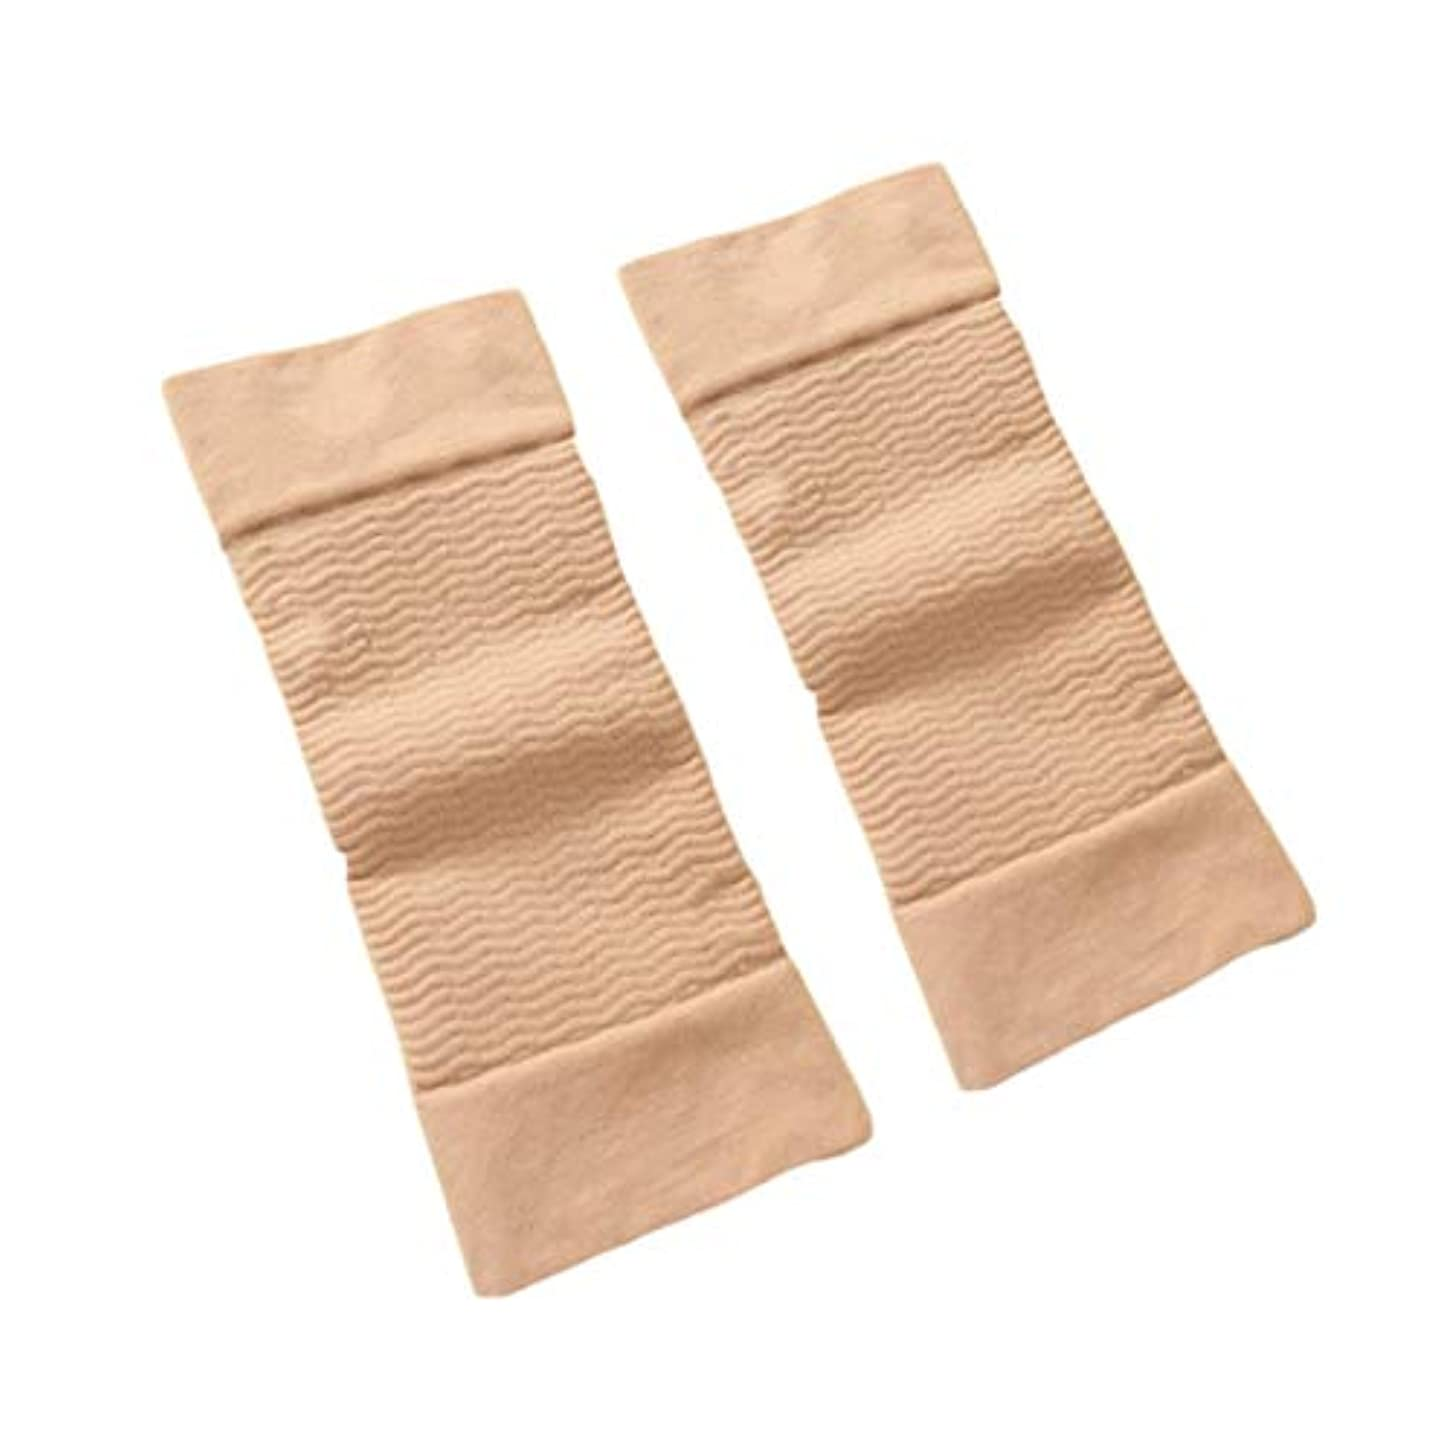 習熟度両方帰する1ペア420 D圧縮痩身アームスリーブワークアウトトーニングバーンセルライトシェイパー脂肪燃焼袖用女性 - 肌色